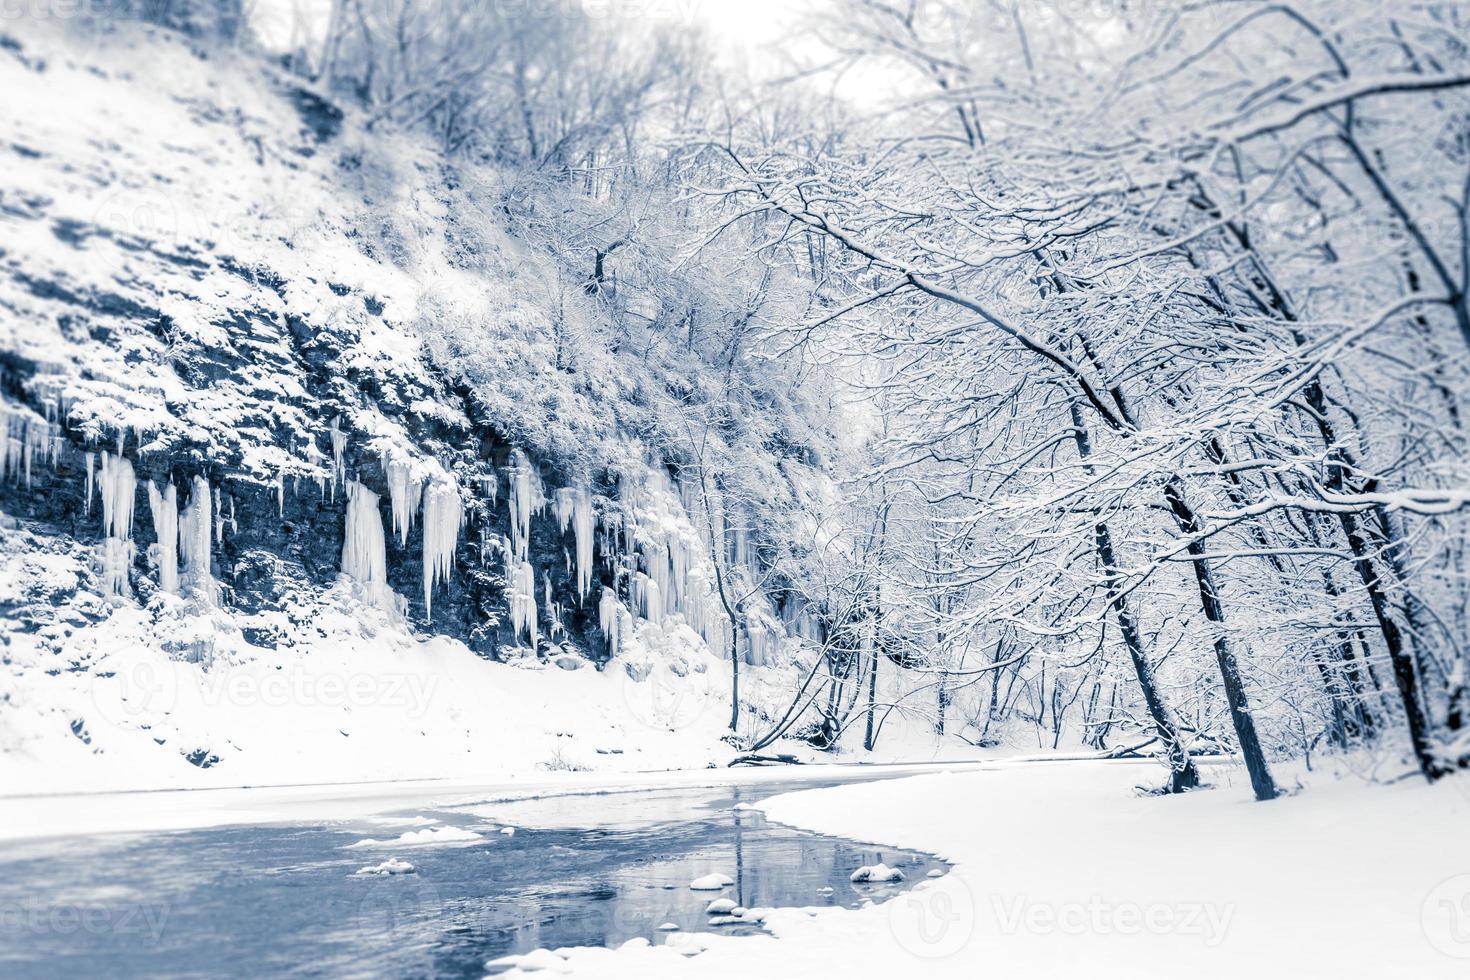 Escena de invierno cubierto de nieve. foto